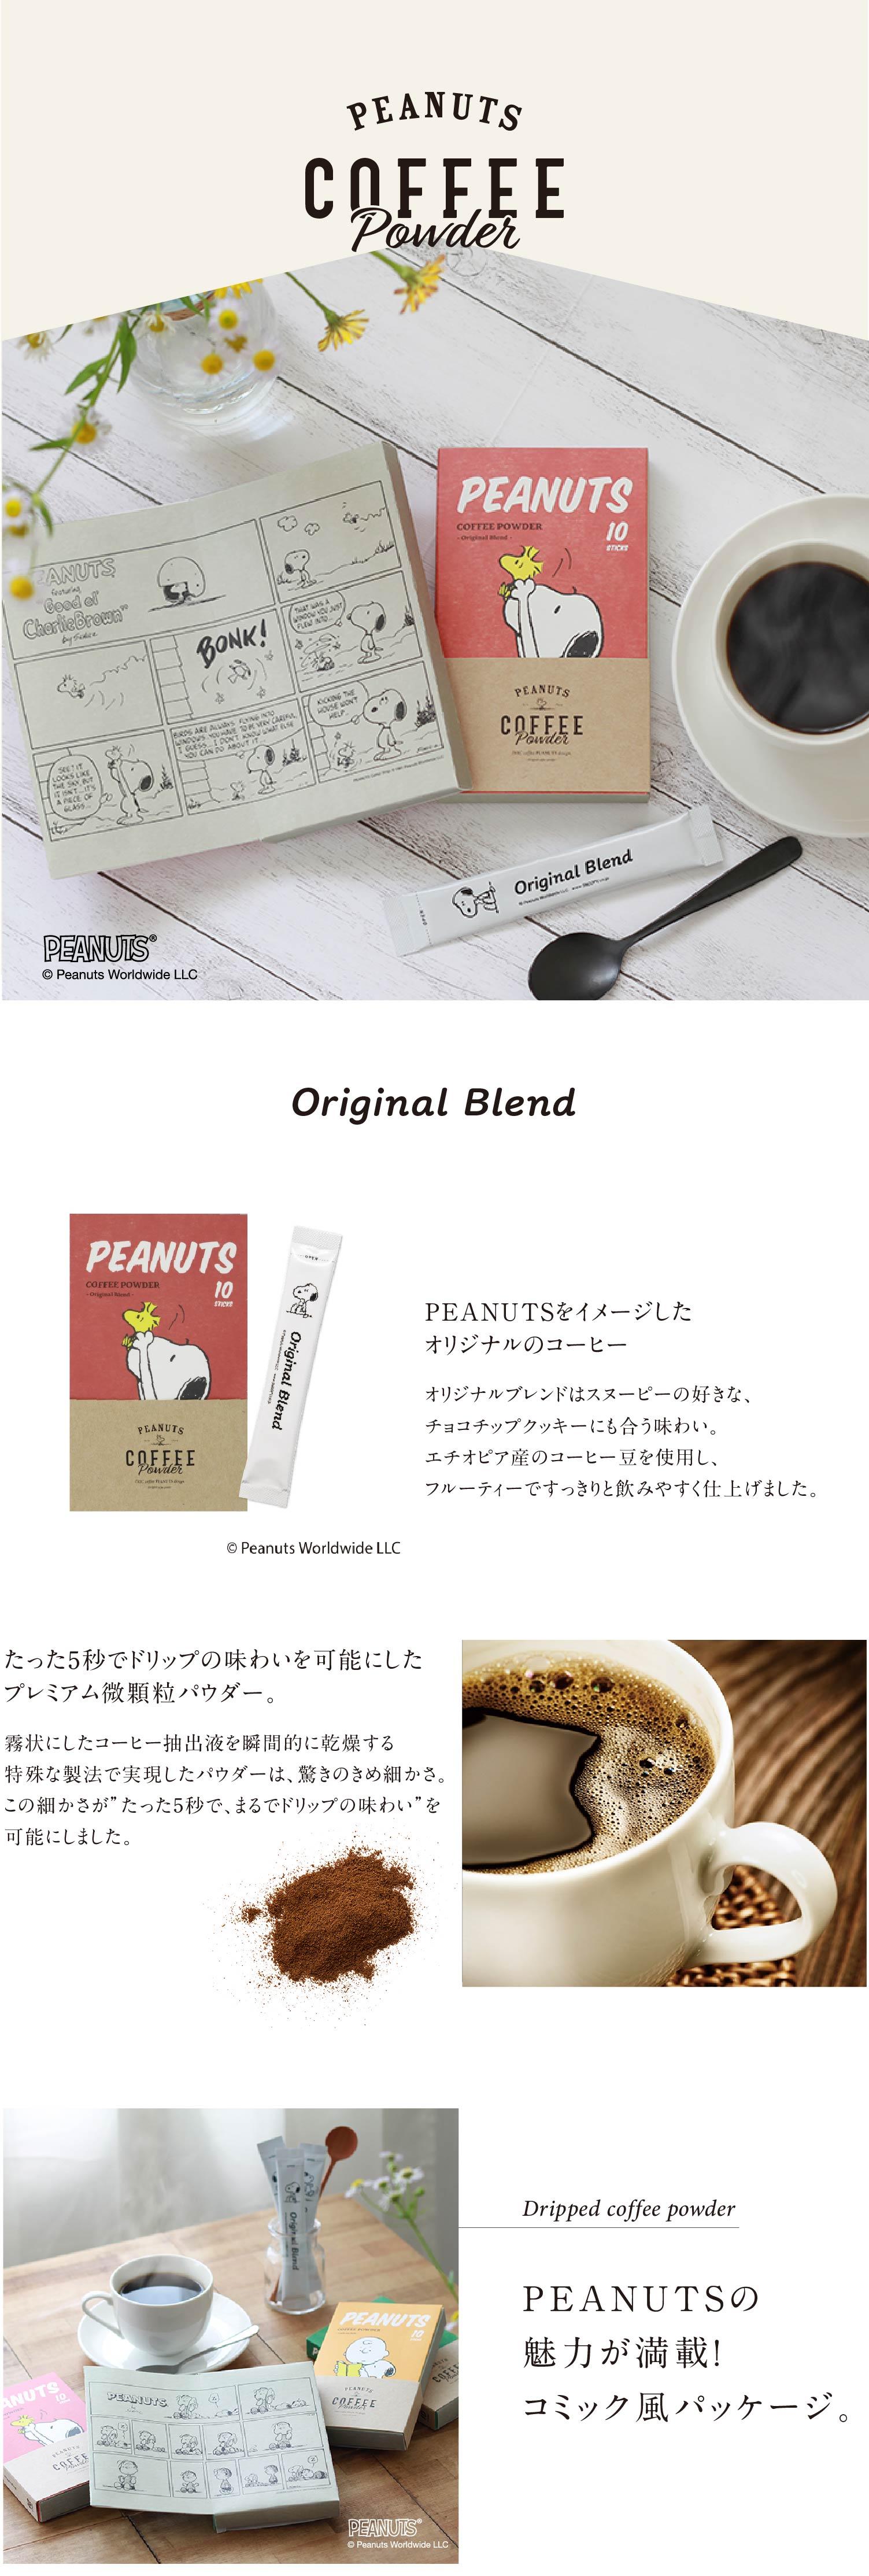 スヌーピーコーヒースティック10本入り オリジナルブレンド